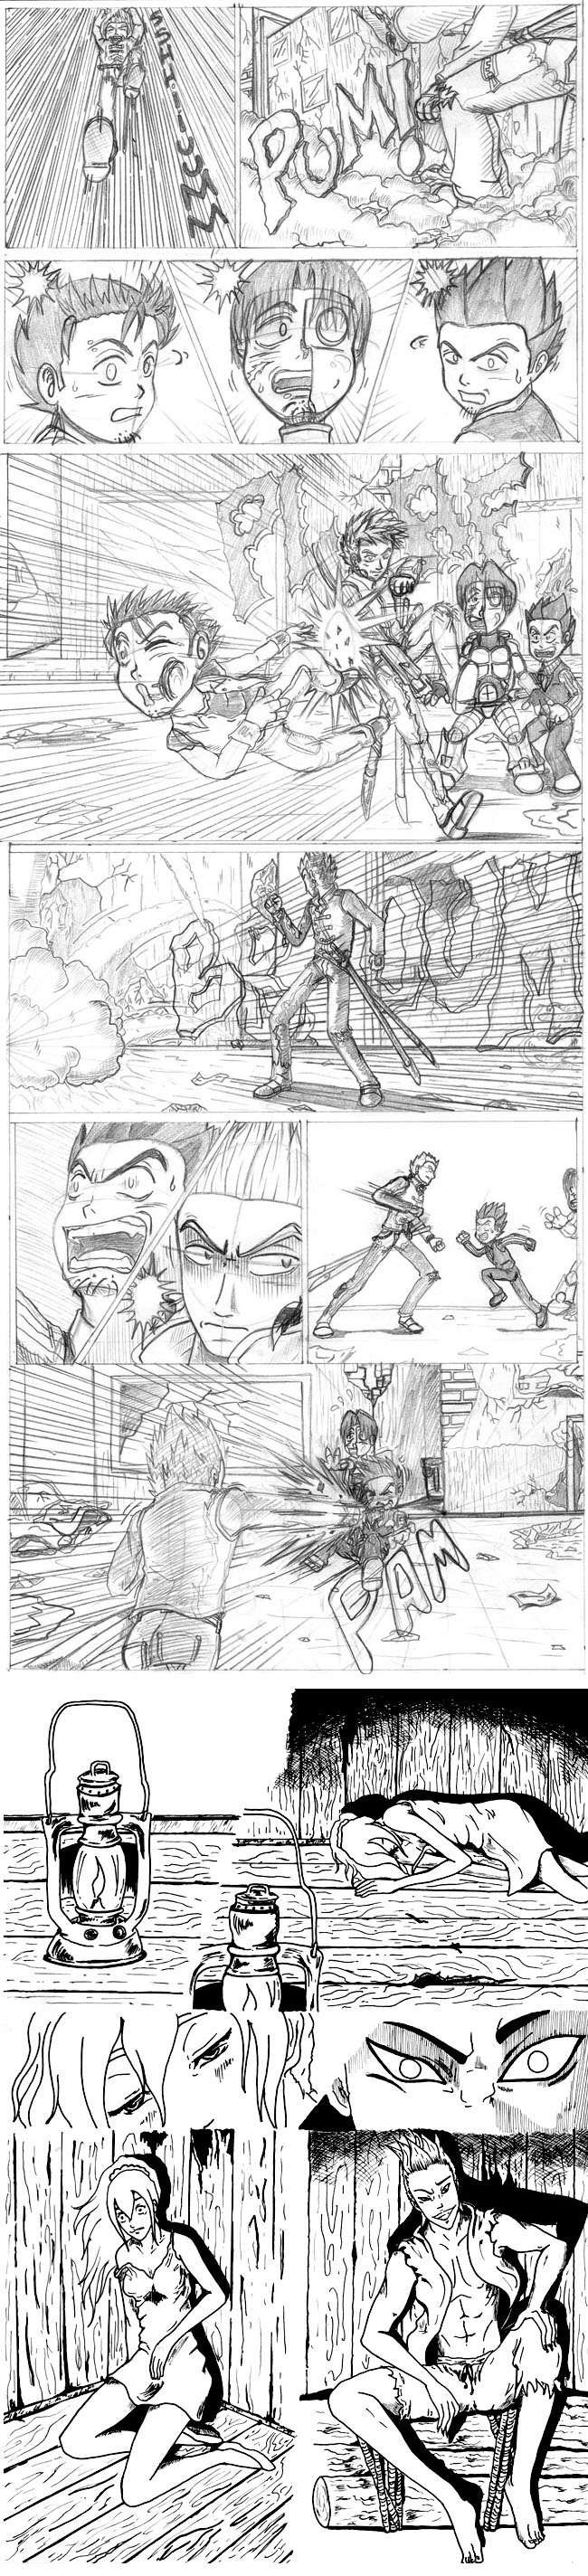 Trabajos de alumnos del Curso de Manga en Academiac10 de Carlos Diez